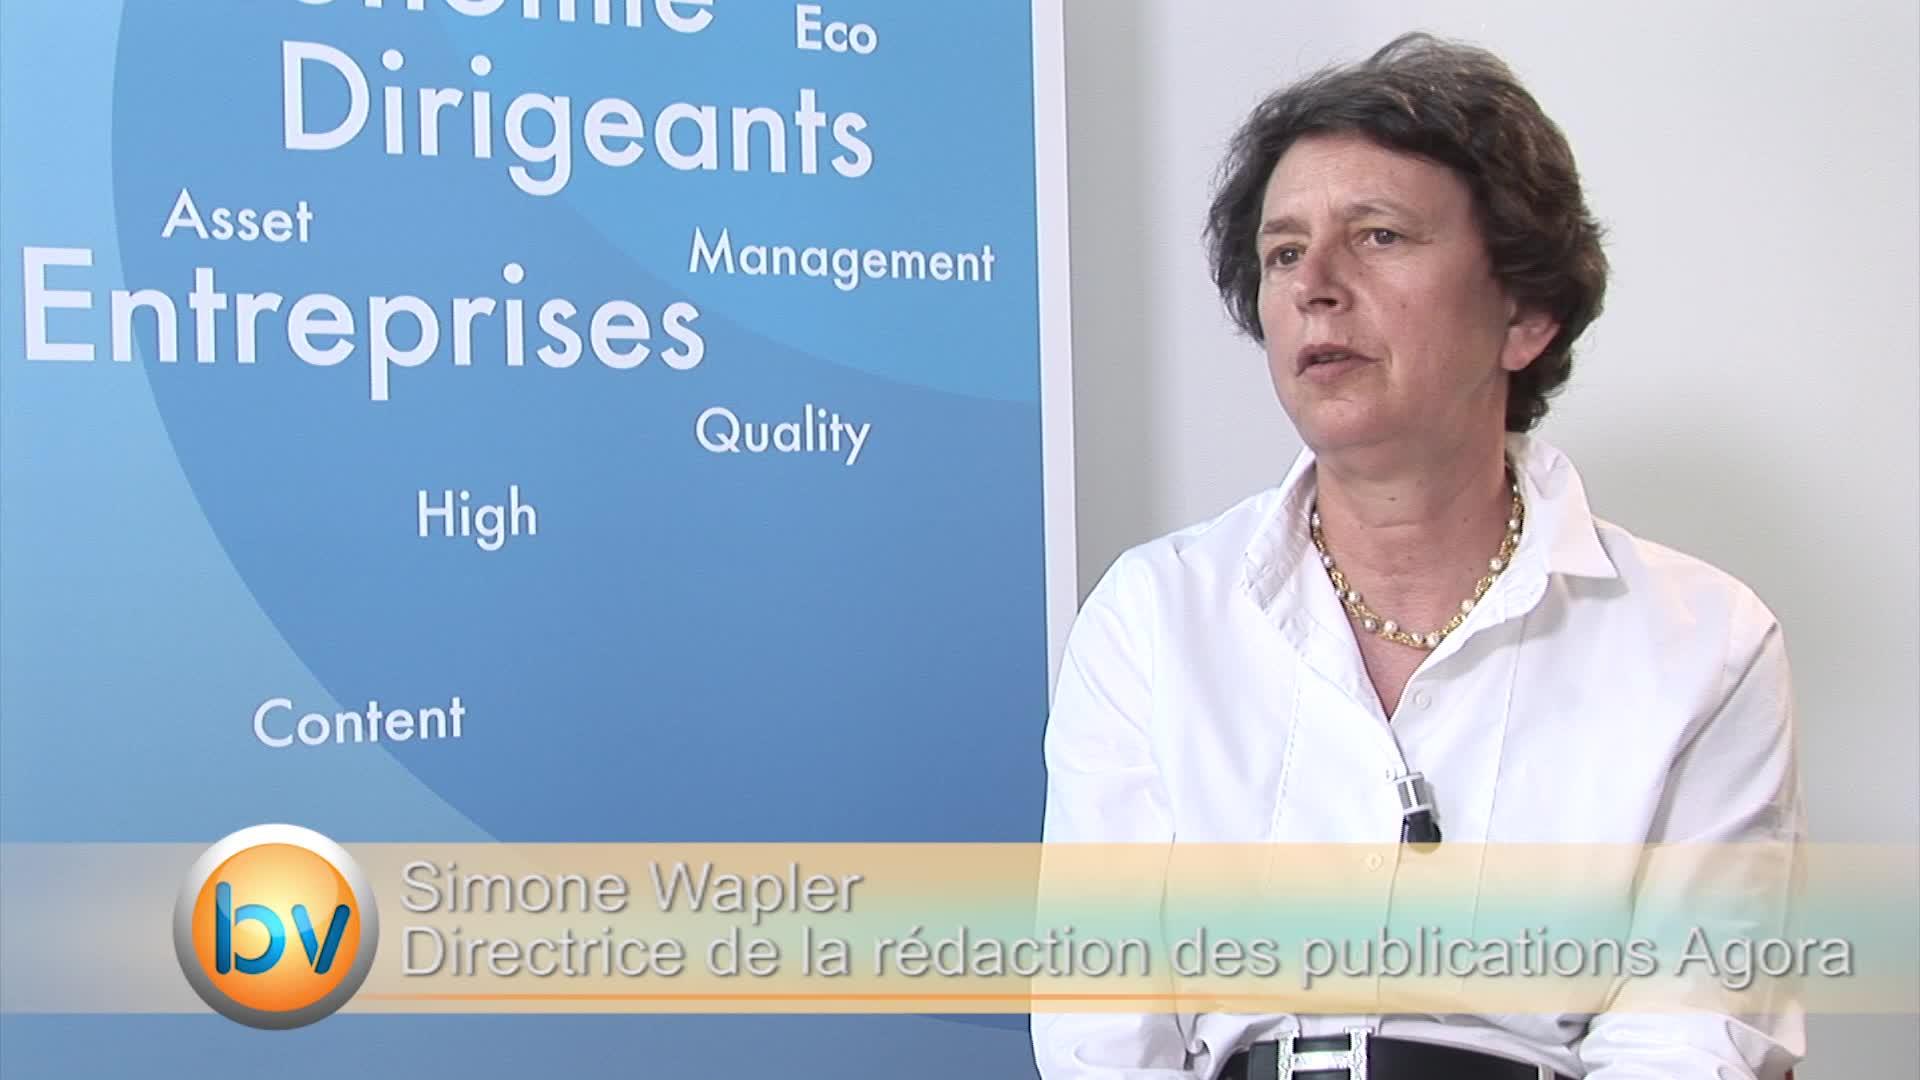 """Simone Wapler Directrice des rédactions Agora : """"On nage dans des aberrations"""""""